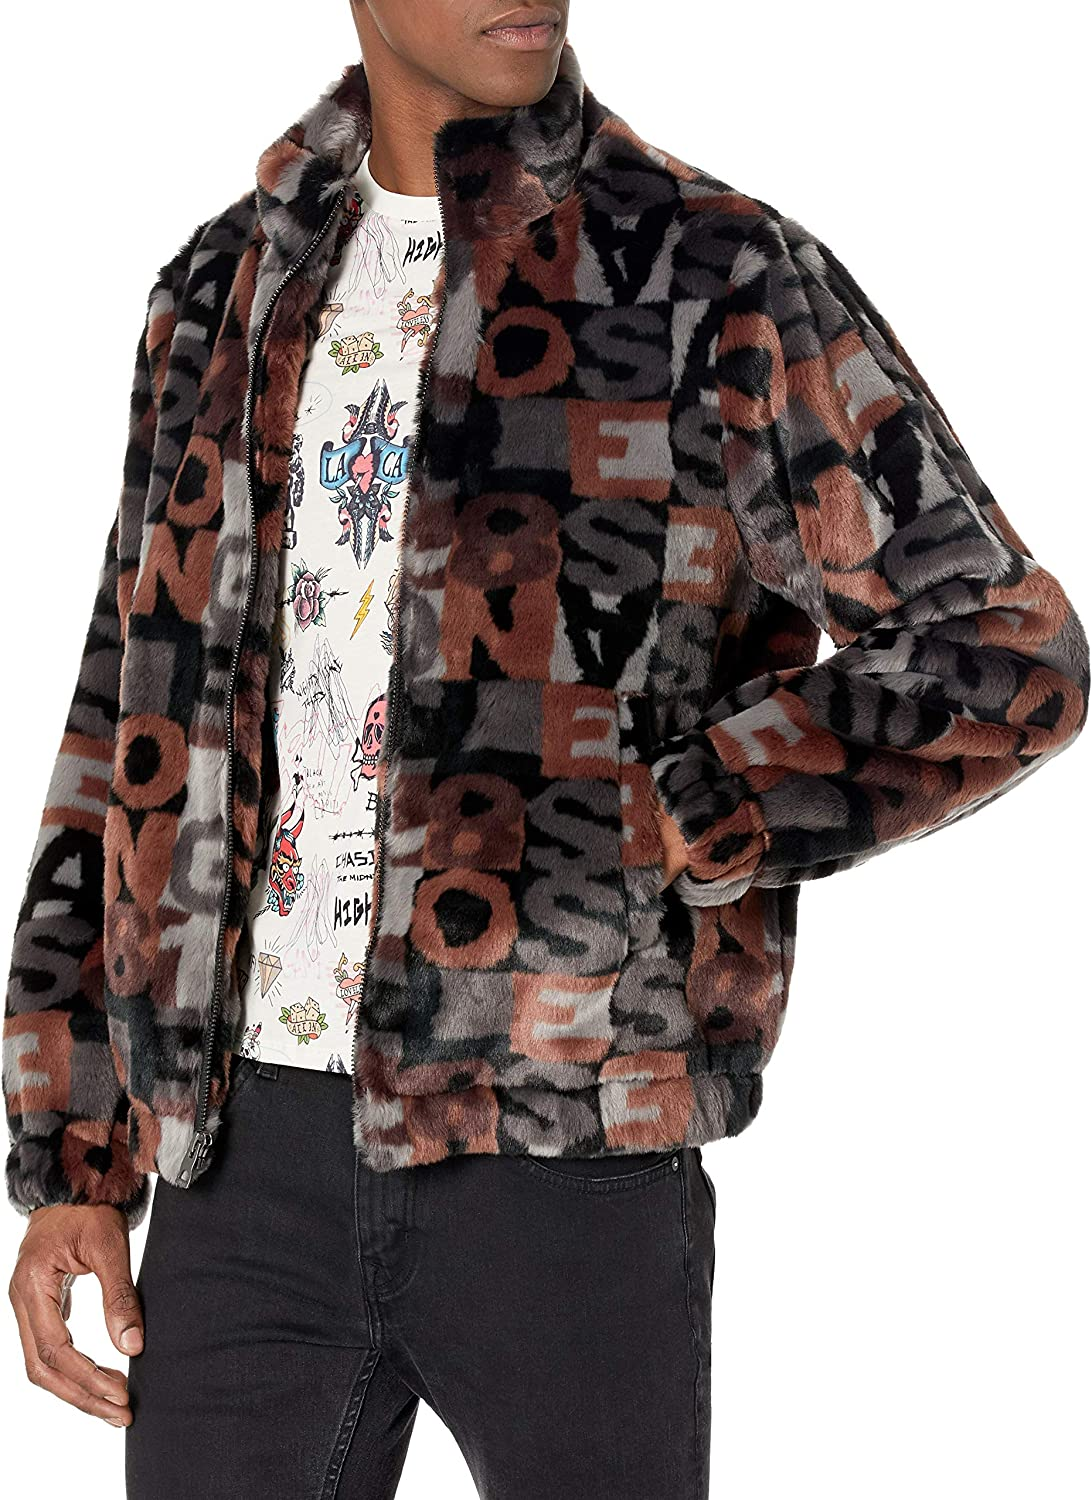 GUESS Men's Jacquard Plush Jacket